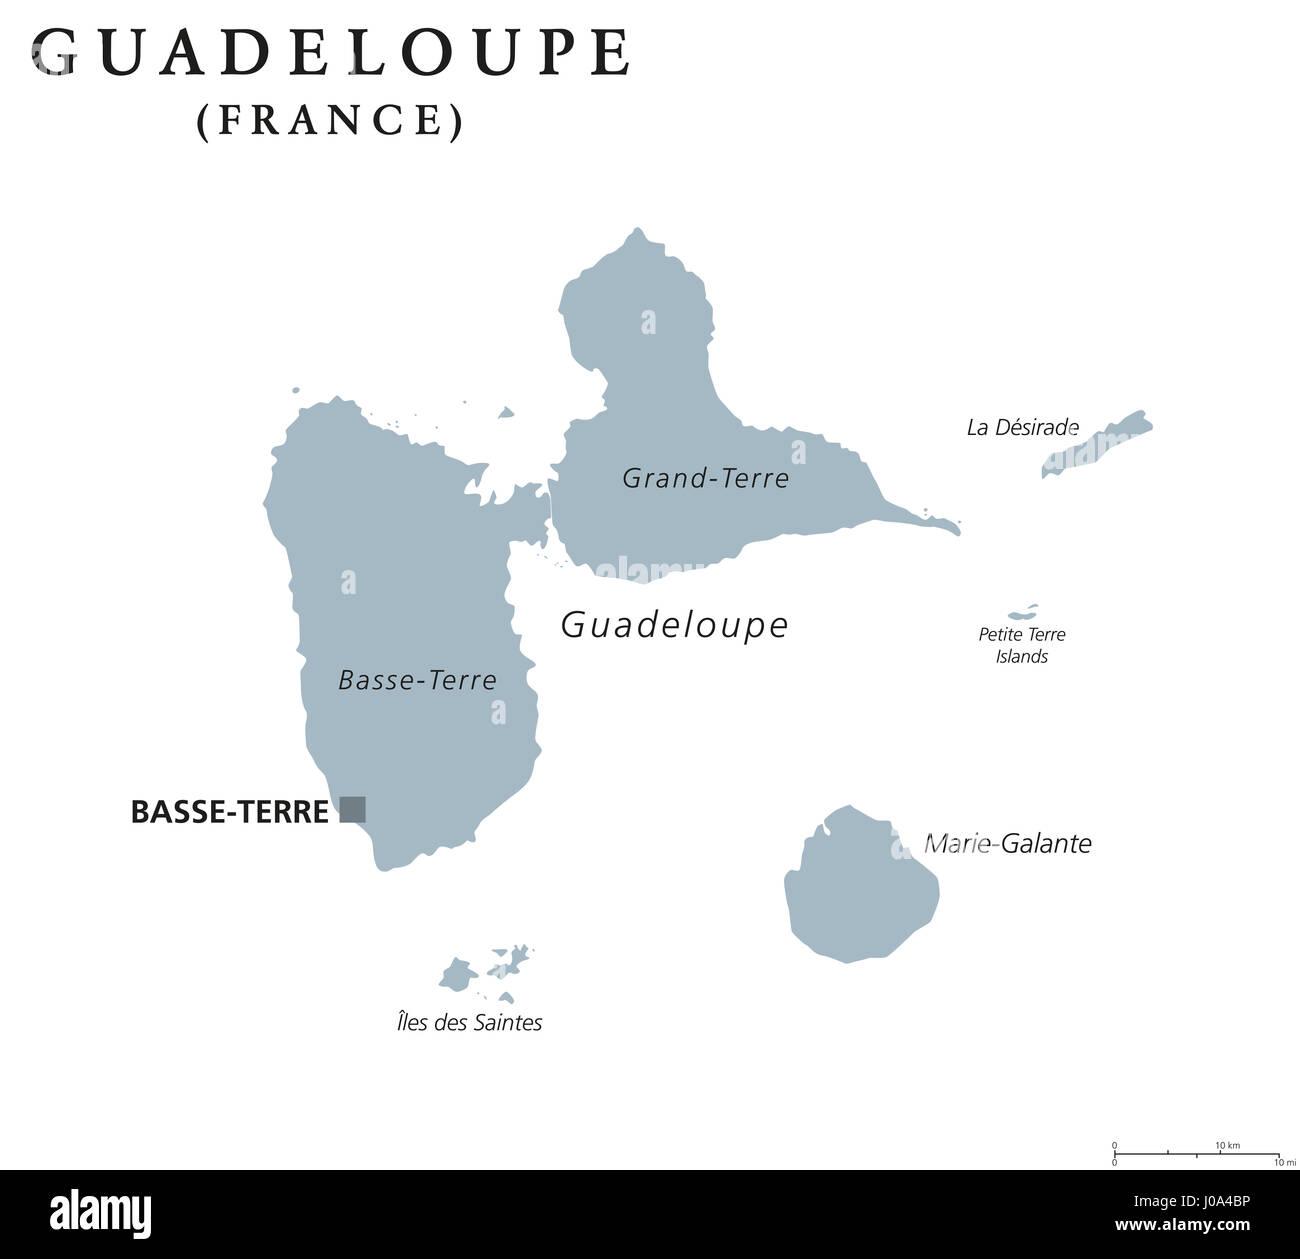 Guadalupa mappa politico con capitale Basse-Terre. Isole dei Caraibi e la regione di oltremare della Francia in Piccole Antille ed Isole Sottovento. Foto Stock